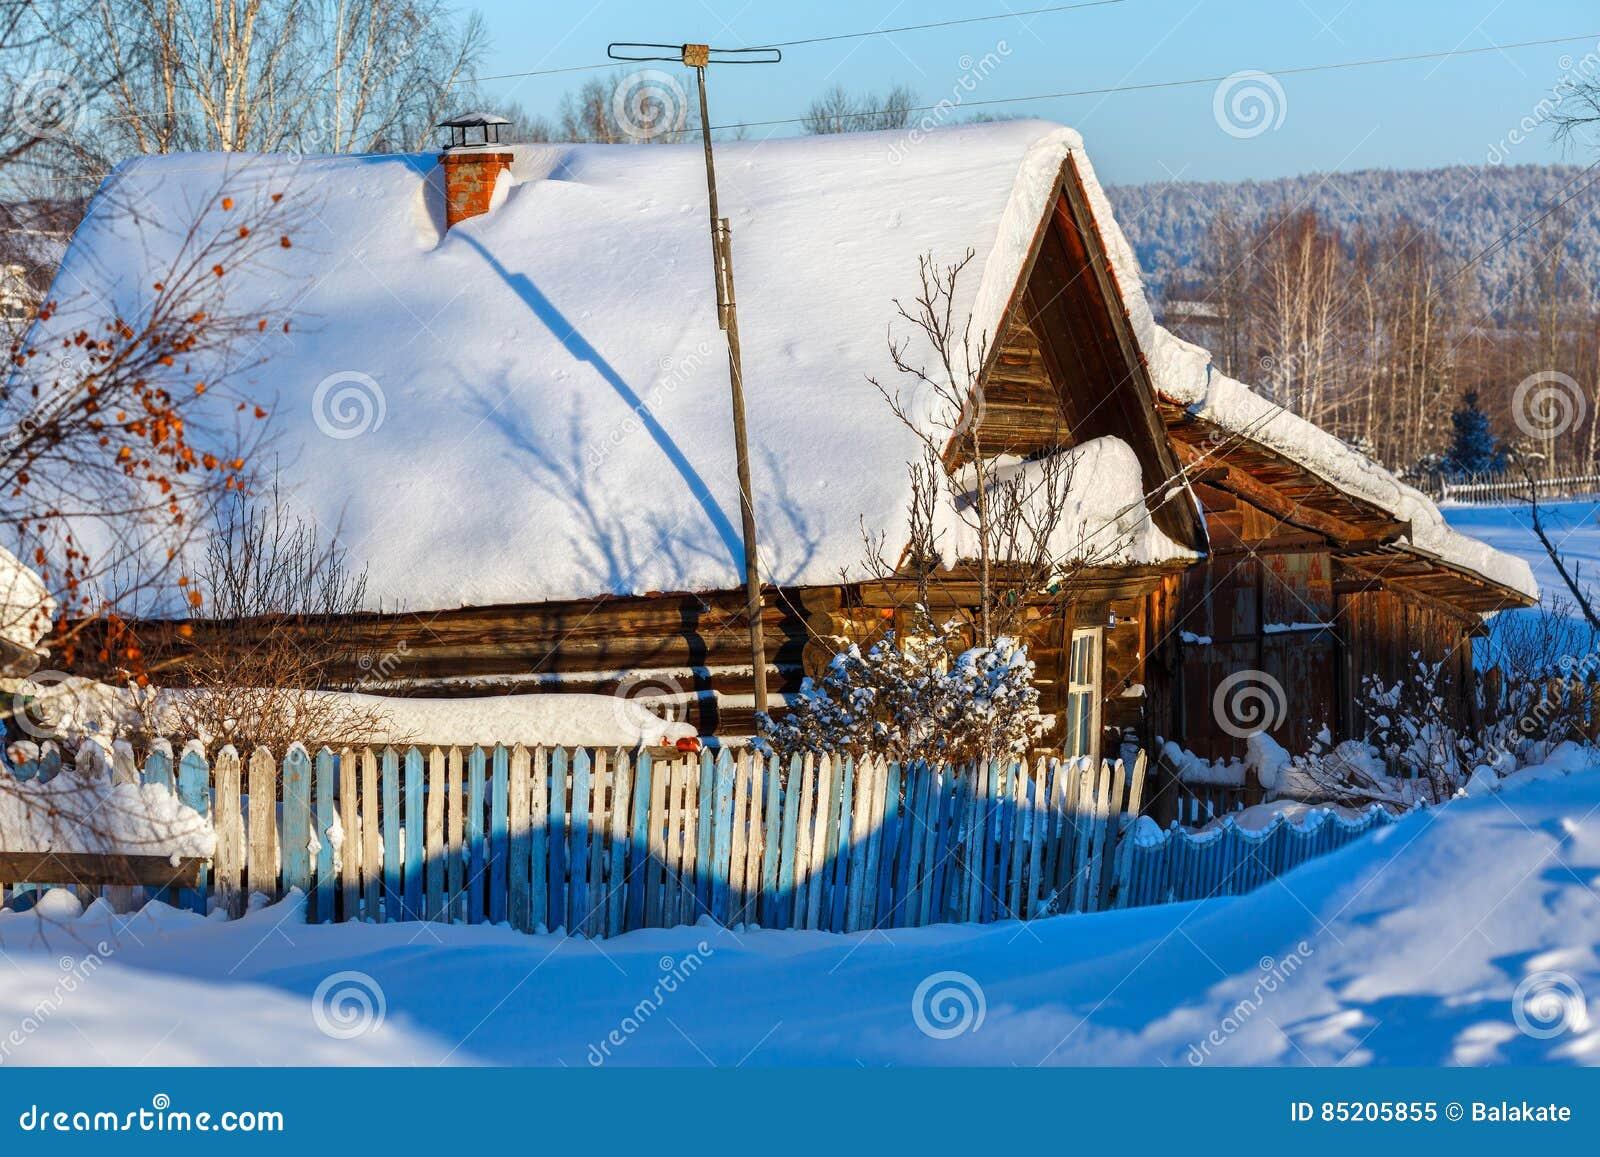 Caba a de madera r stica cubierta con nieve pueblo visim - Cabanas de madera en la nieve ...